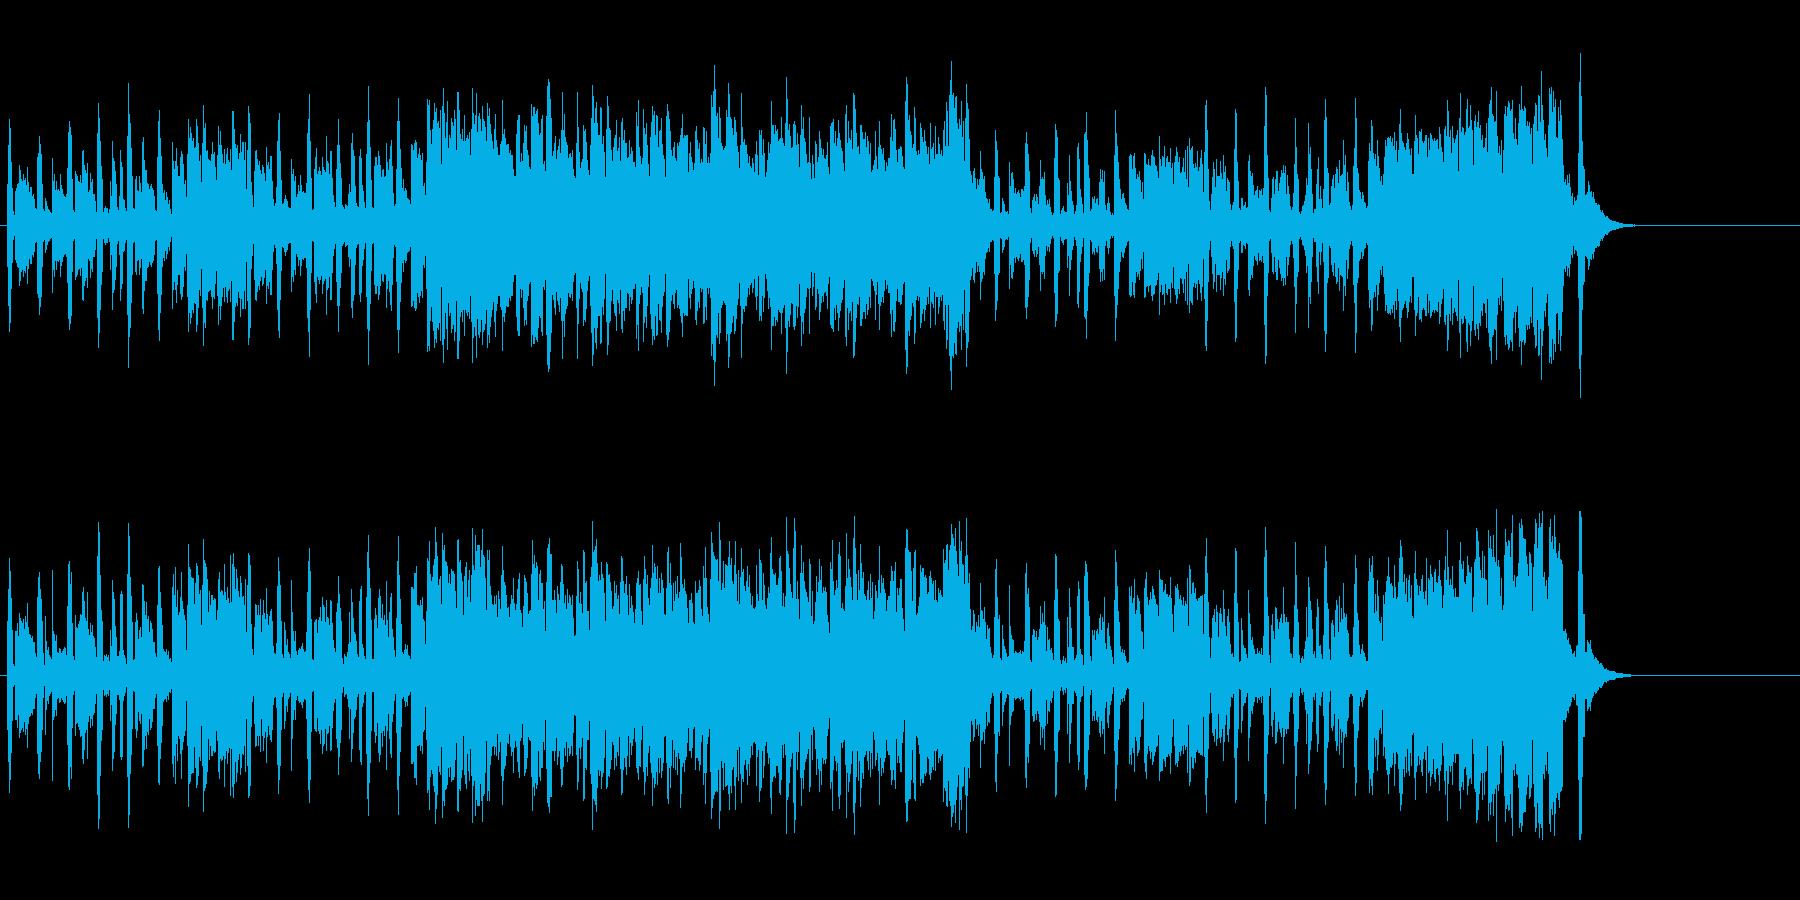 ポップ・サウンド(キャッチー&コミカル)の再生済みの波形